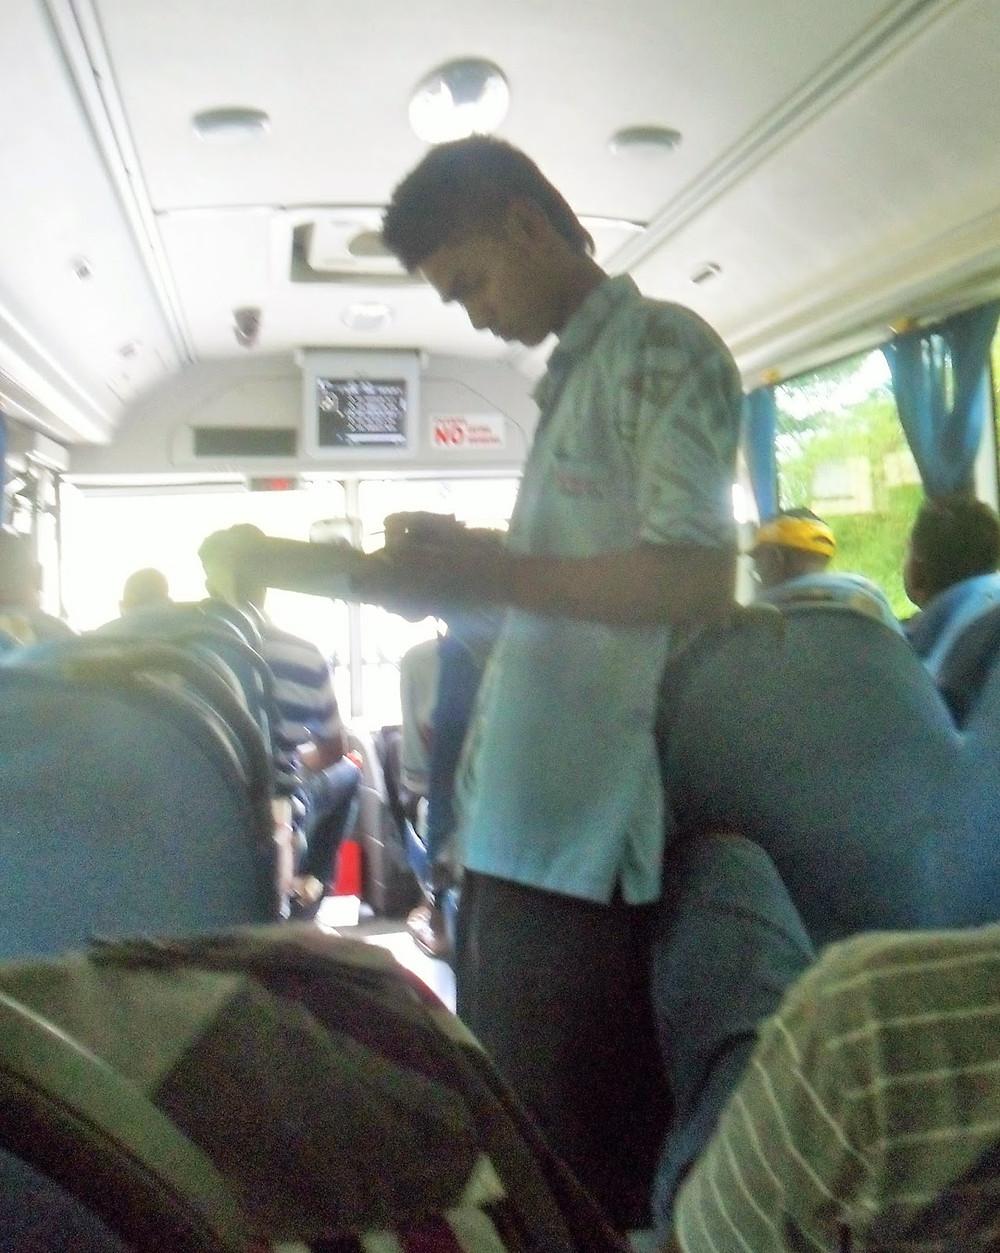 Bus trip Fiji - fiji travel blog fiji expat fiji holiday me and fiji